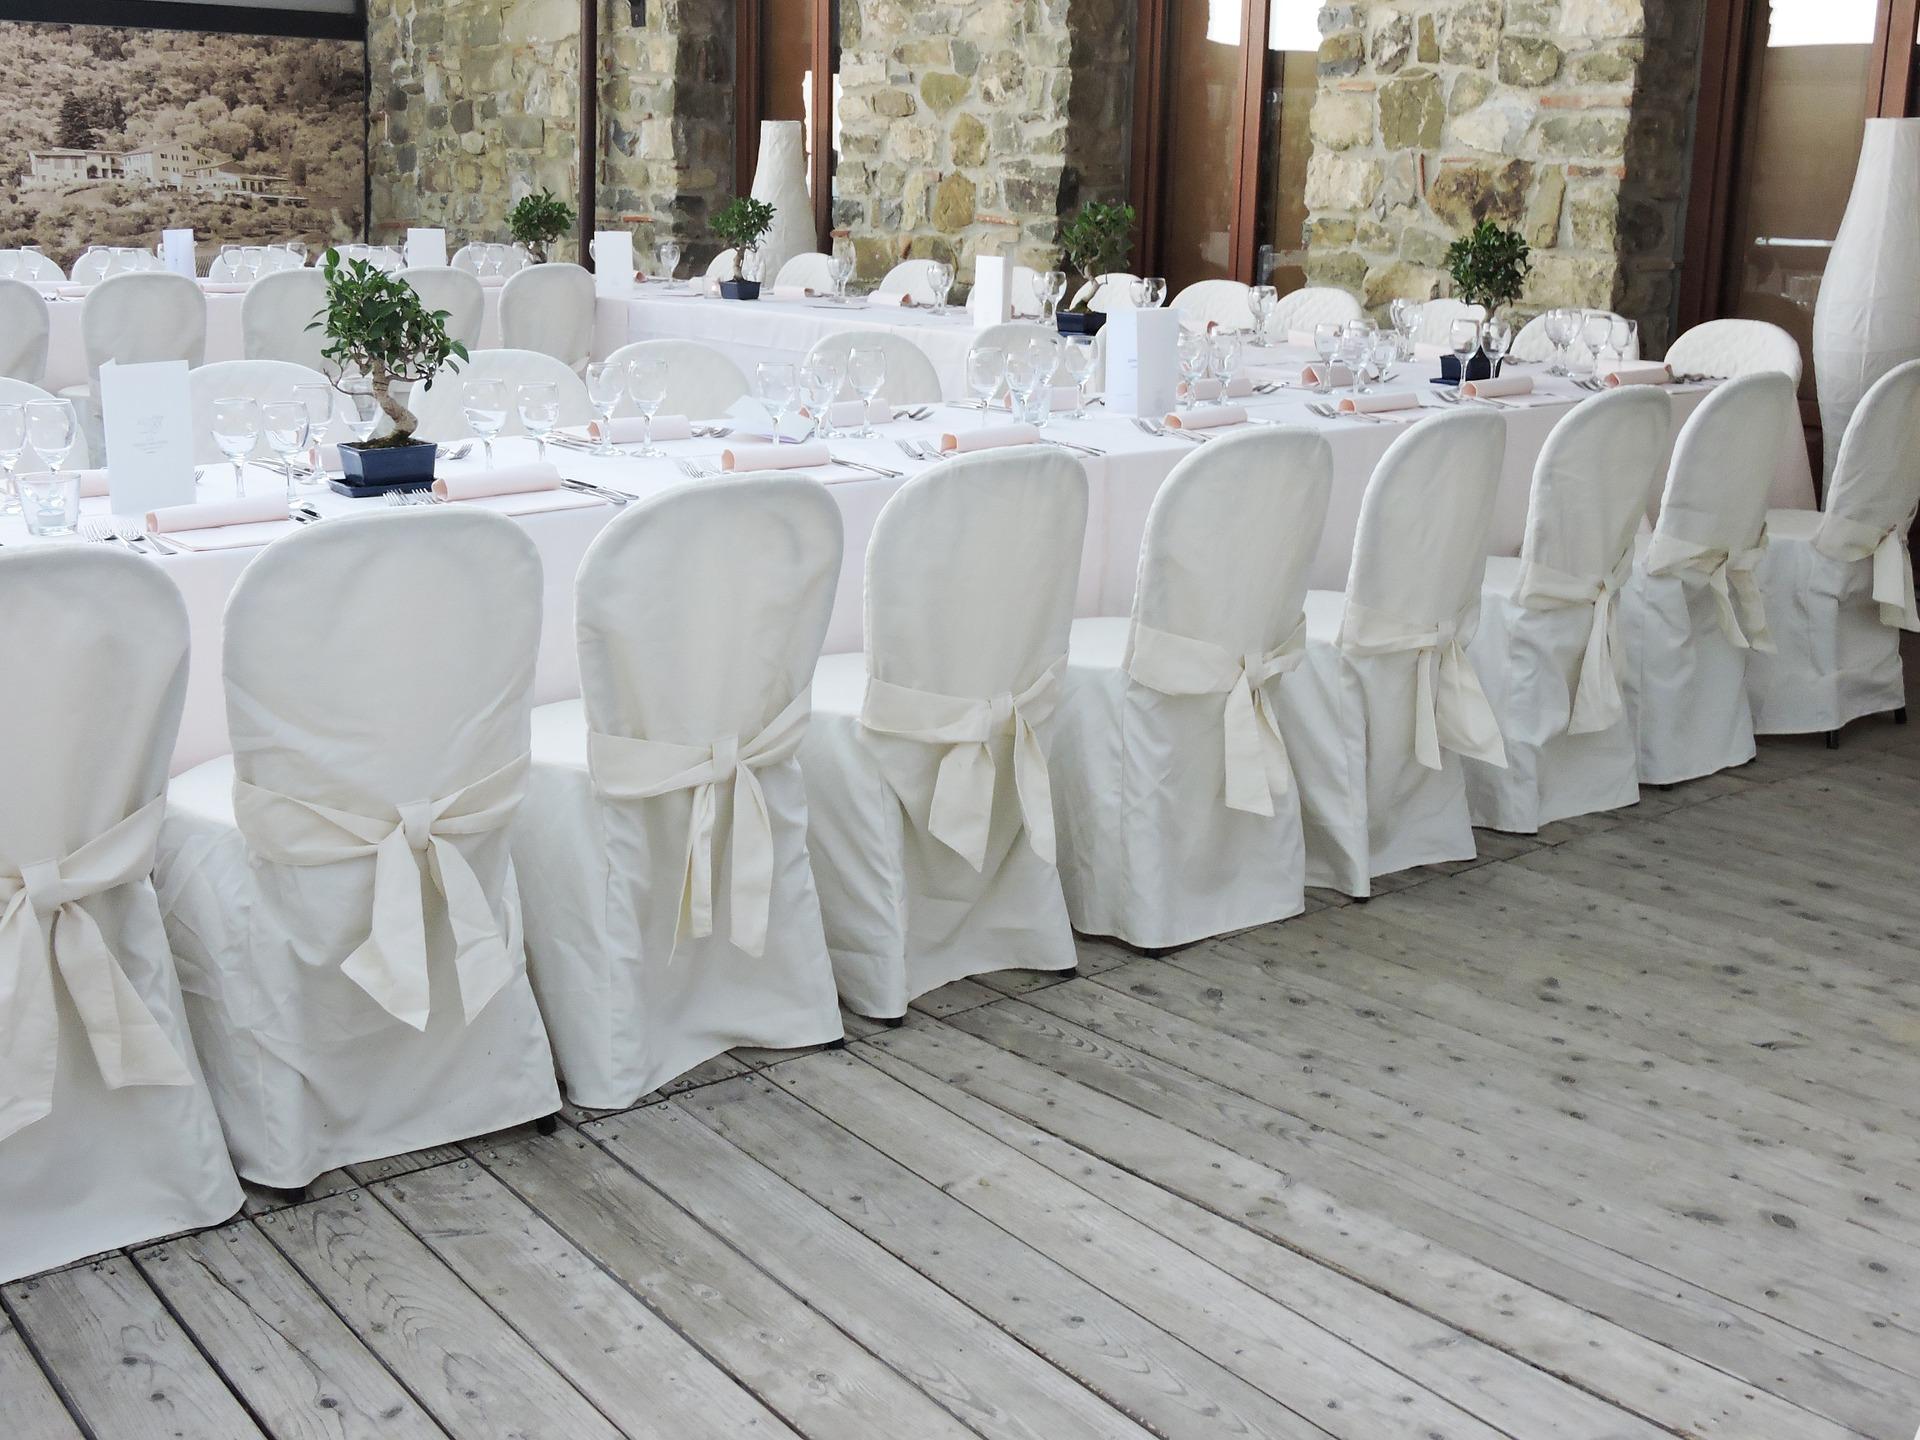 Lieux de réception mariage, Montpellier